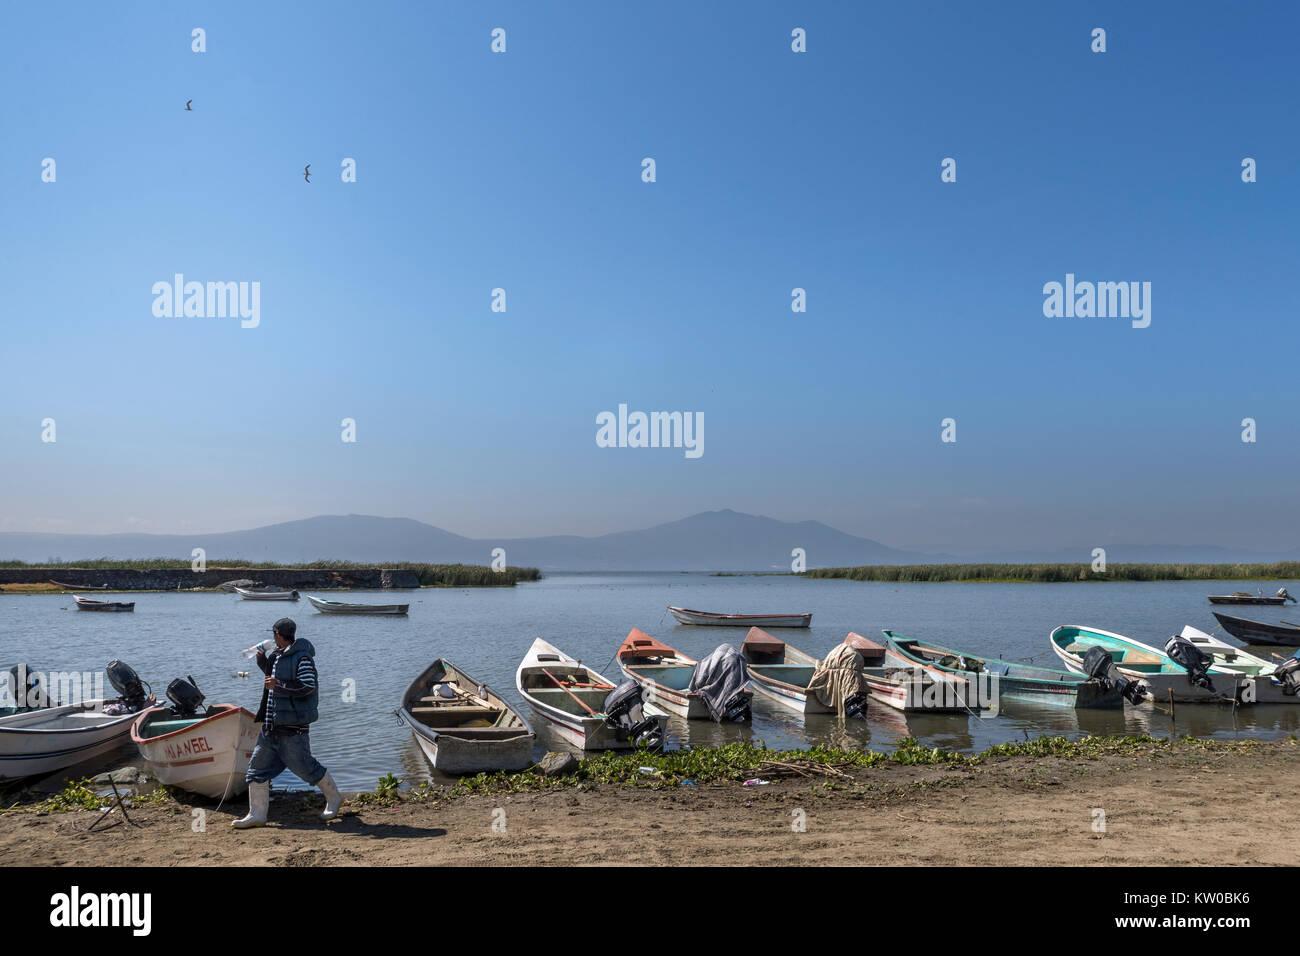 Barche da pesca sulle sponde del lago Chapala, Chapala, Jalisco, Messico Immagini Stock